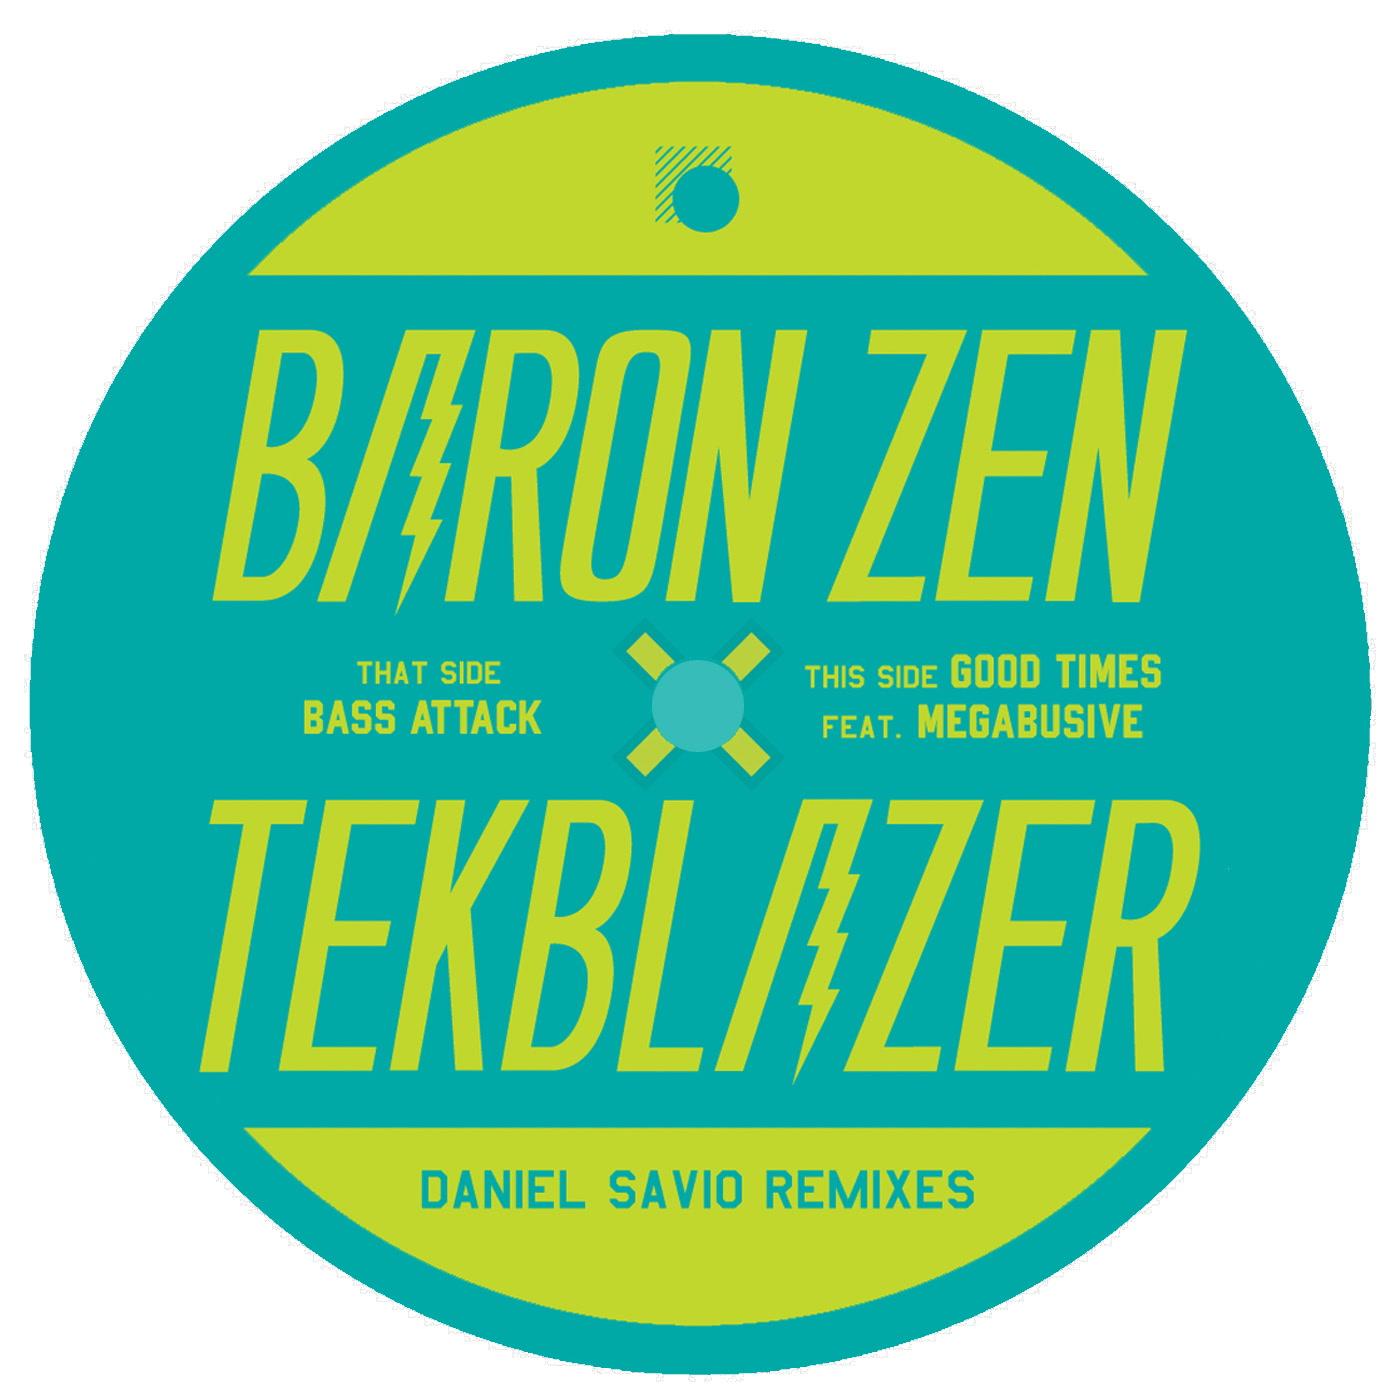 Daniel Savio Remixes Baron Zen Amp Tekblazer Kudos Records